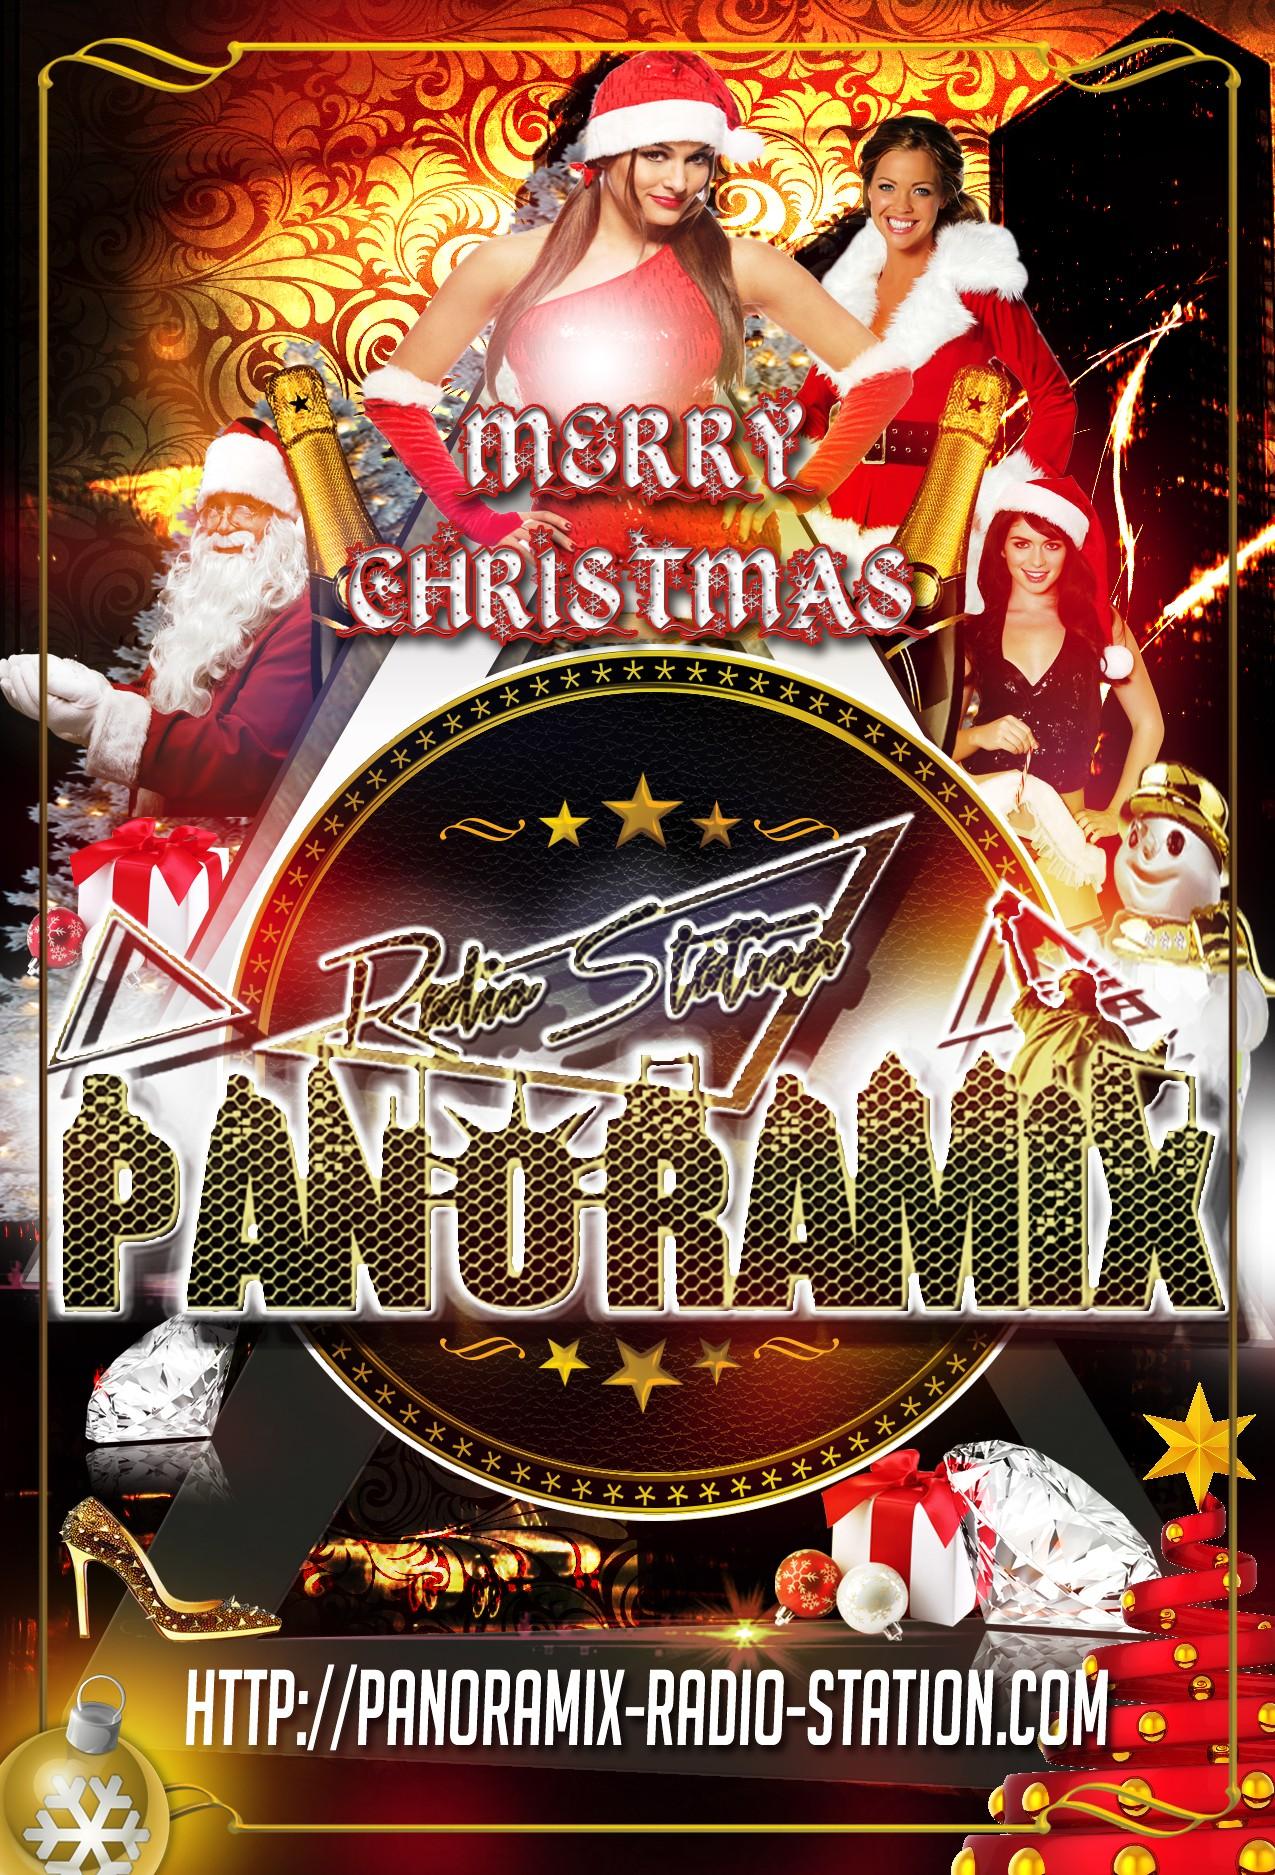 http://panoramix-radio-station.com/wp-content/uploads/2016/12/NOEL-2016-2017.jpg